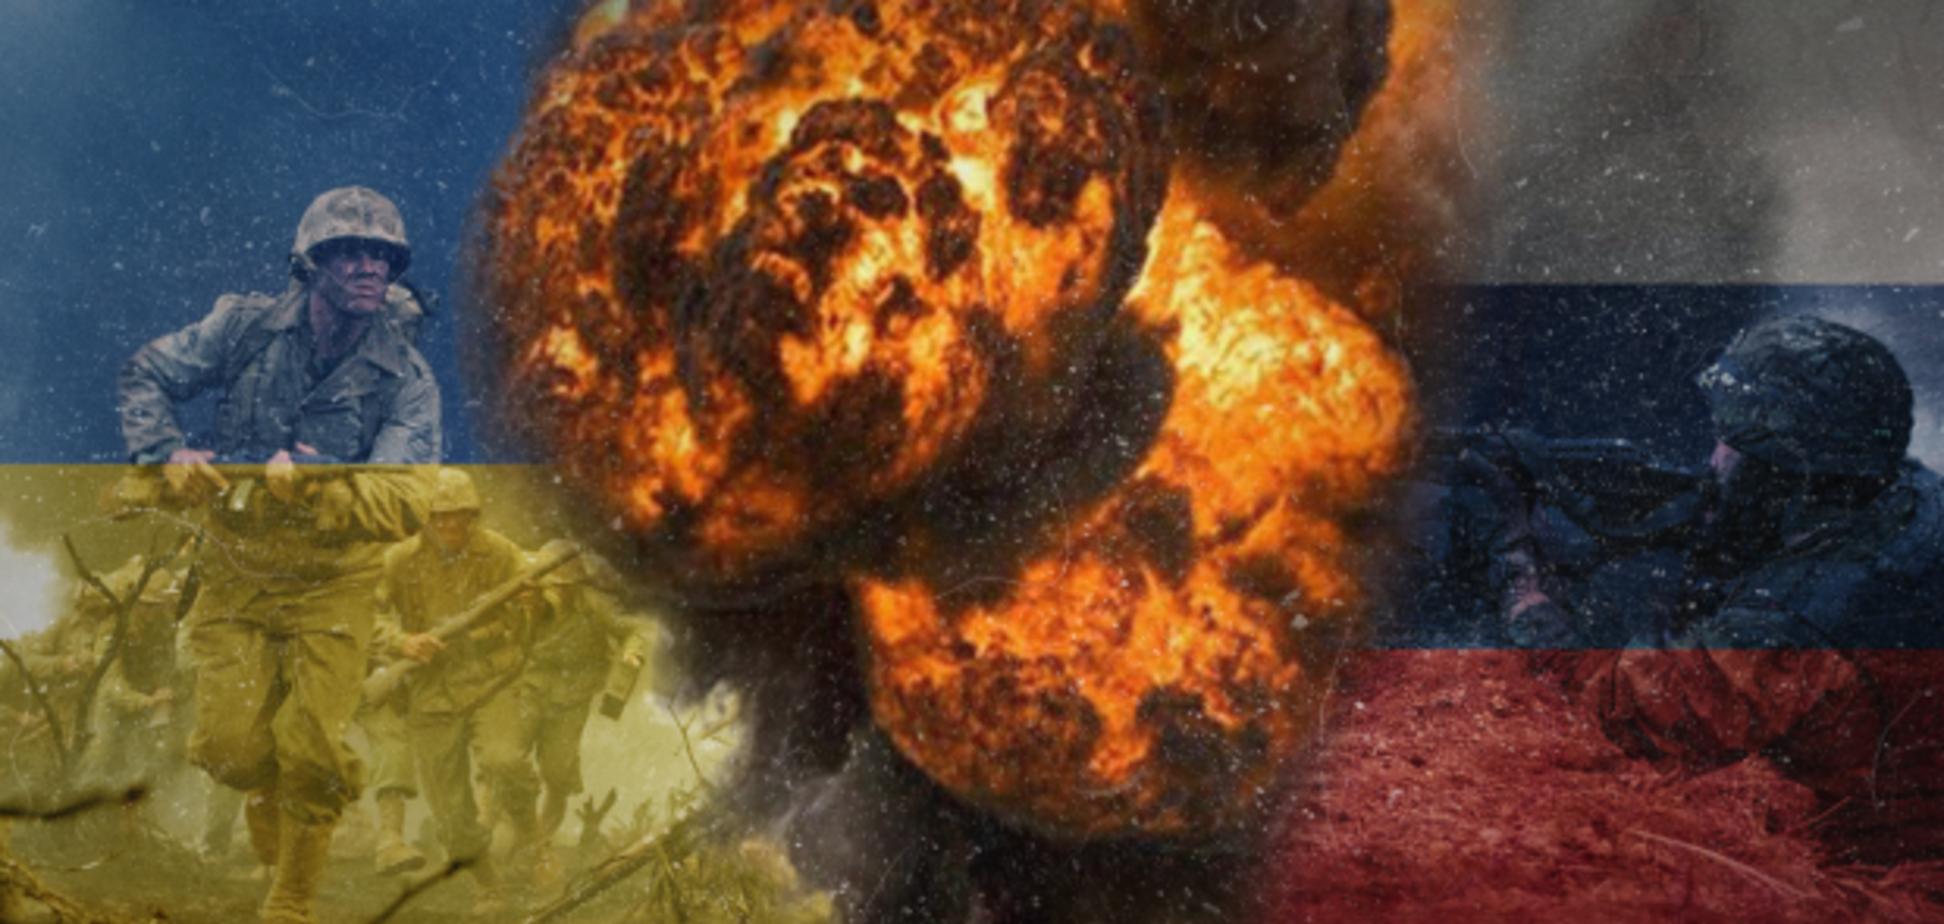 Германия и Франция подыгрывают Путину? Асеев пояснил, почему Запад 'не отбил' Донбасс